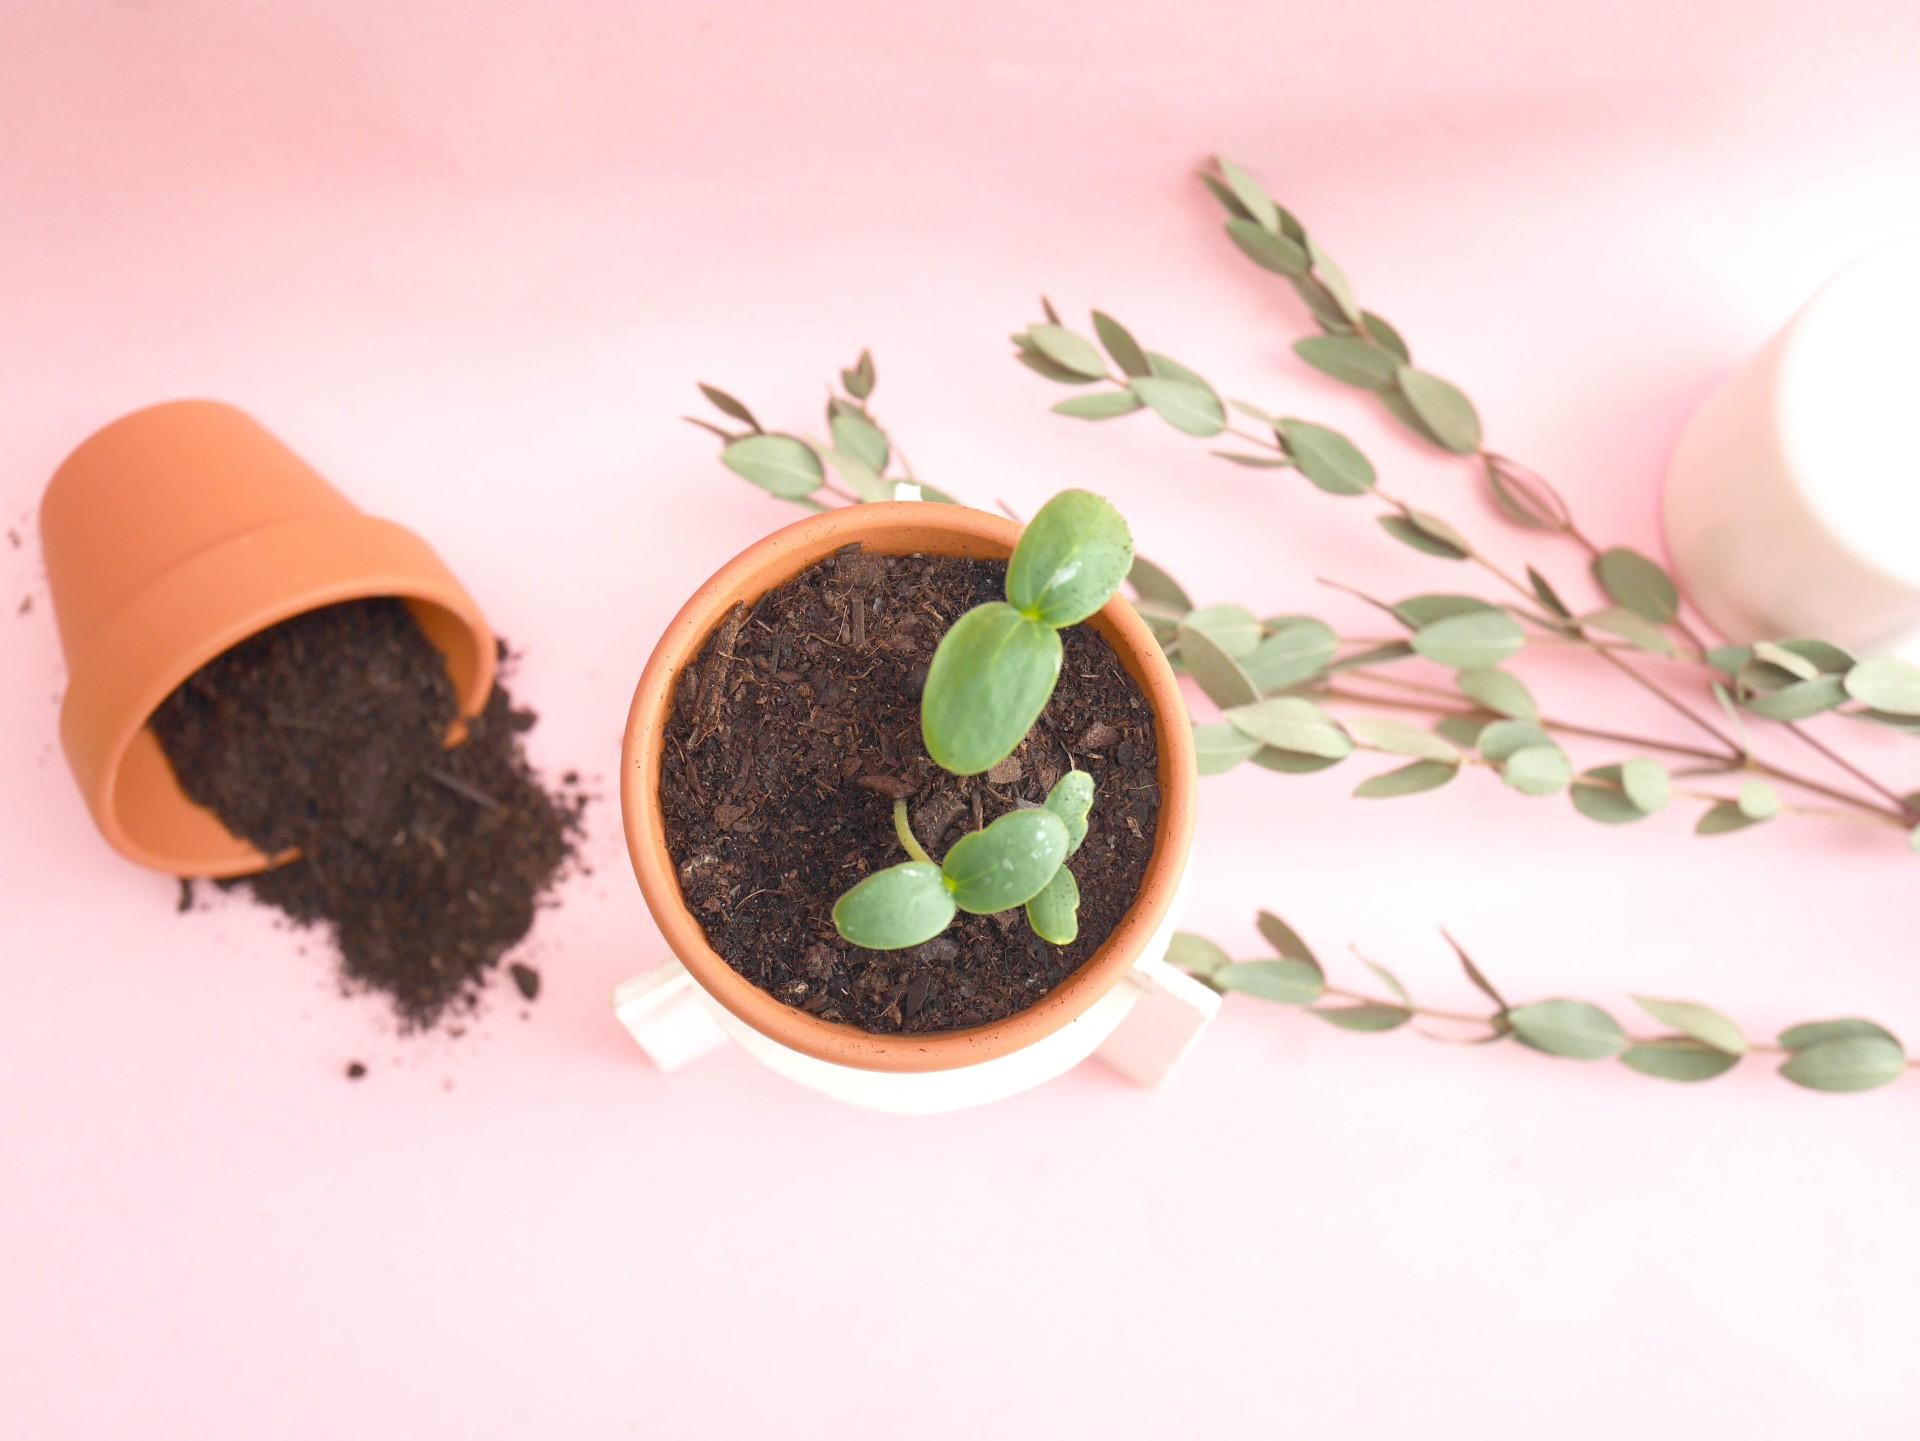 DIY-loiciaitrema-porteplante-13